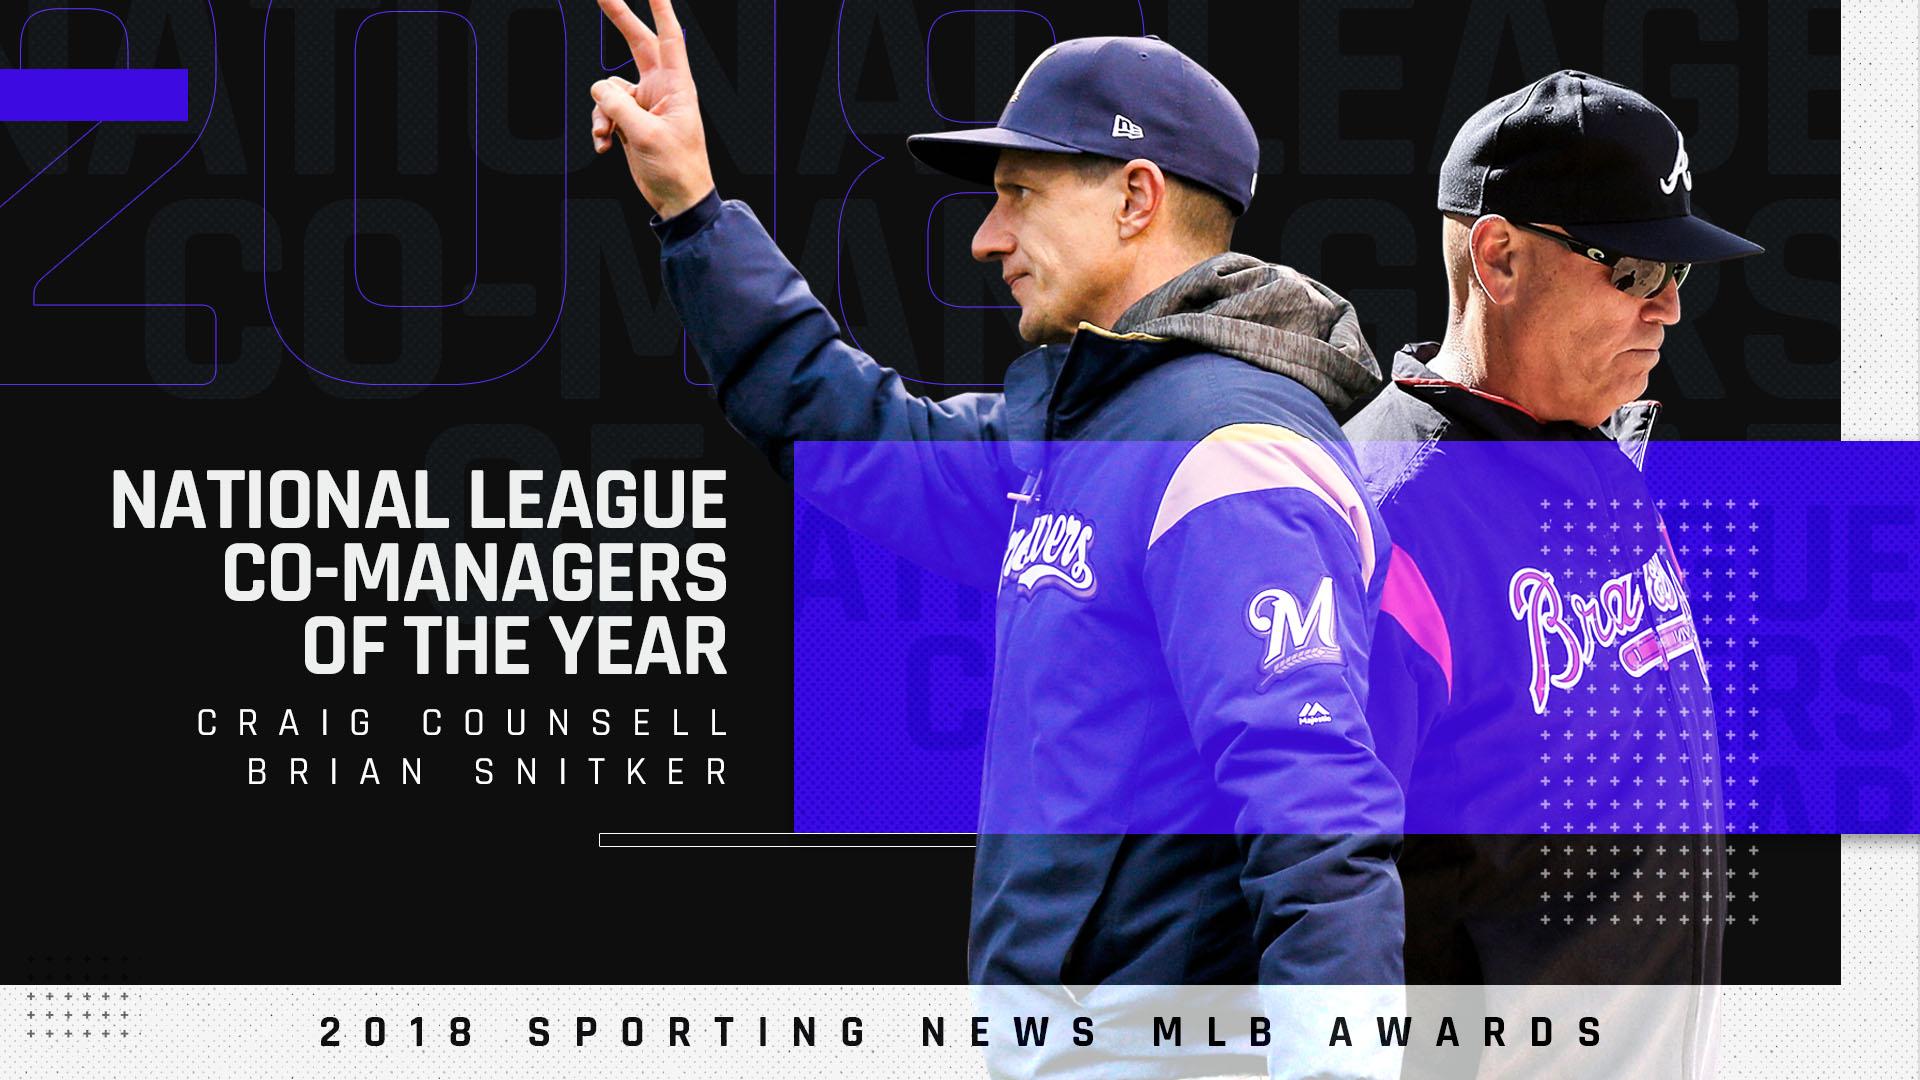 mlb_awards-2018-tuesday-nl-manager.jpg